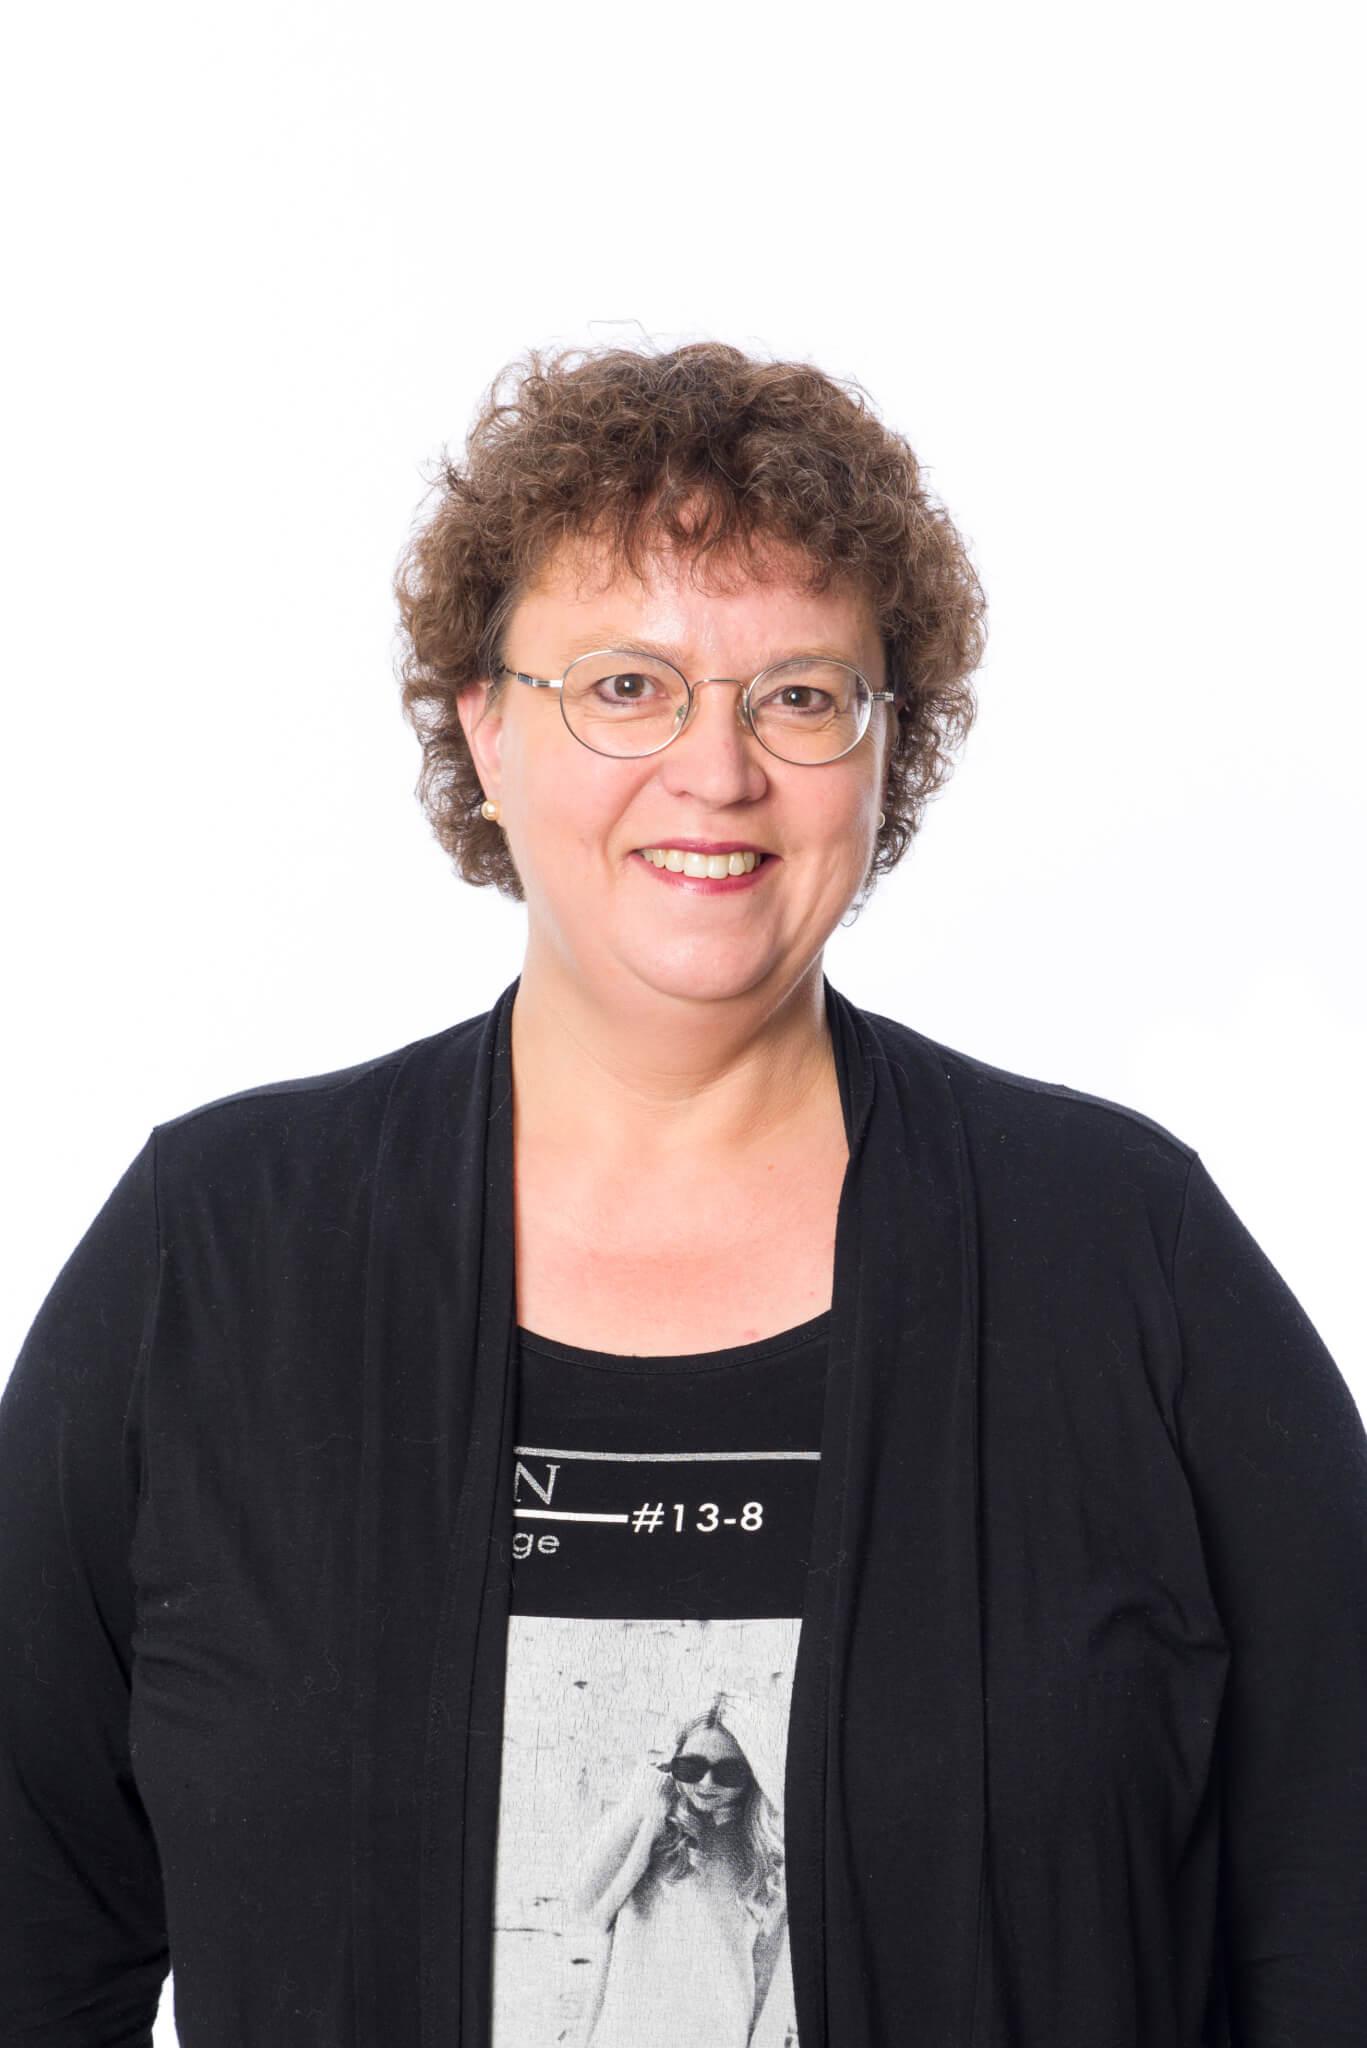 Angela van Elk